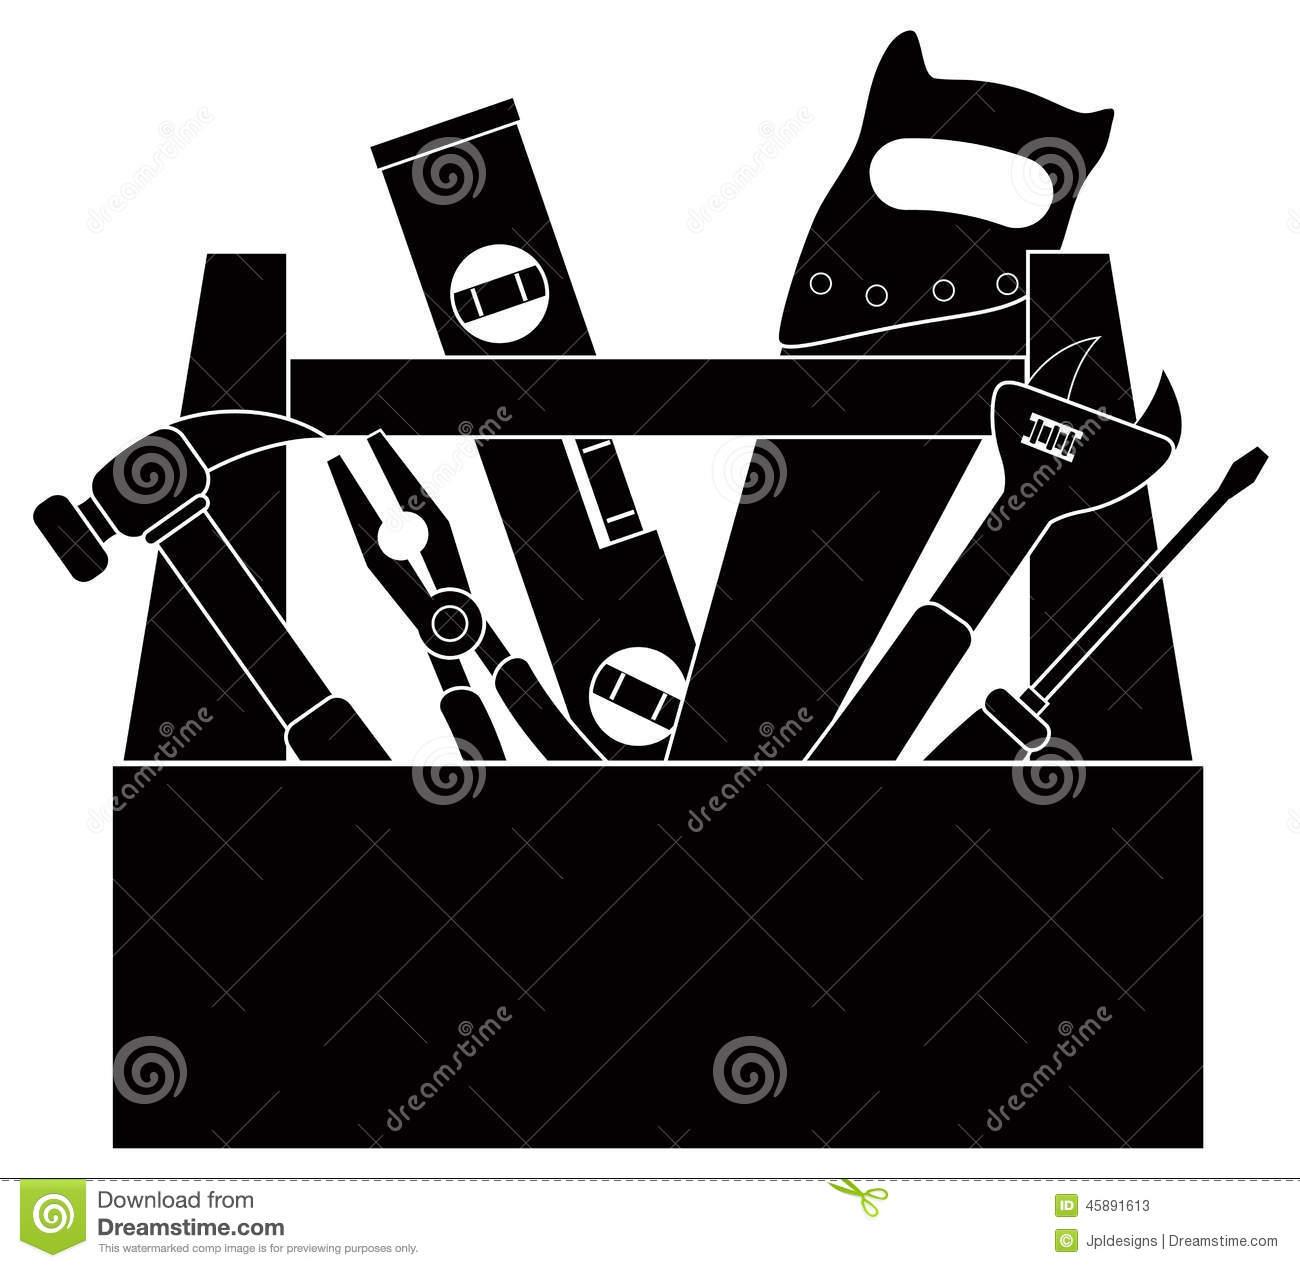 box clipart silhouette clipground School Treasure Box Clip Art School Treasure Box Clip Art